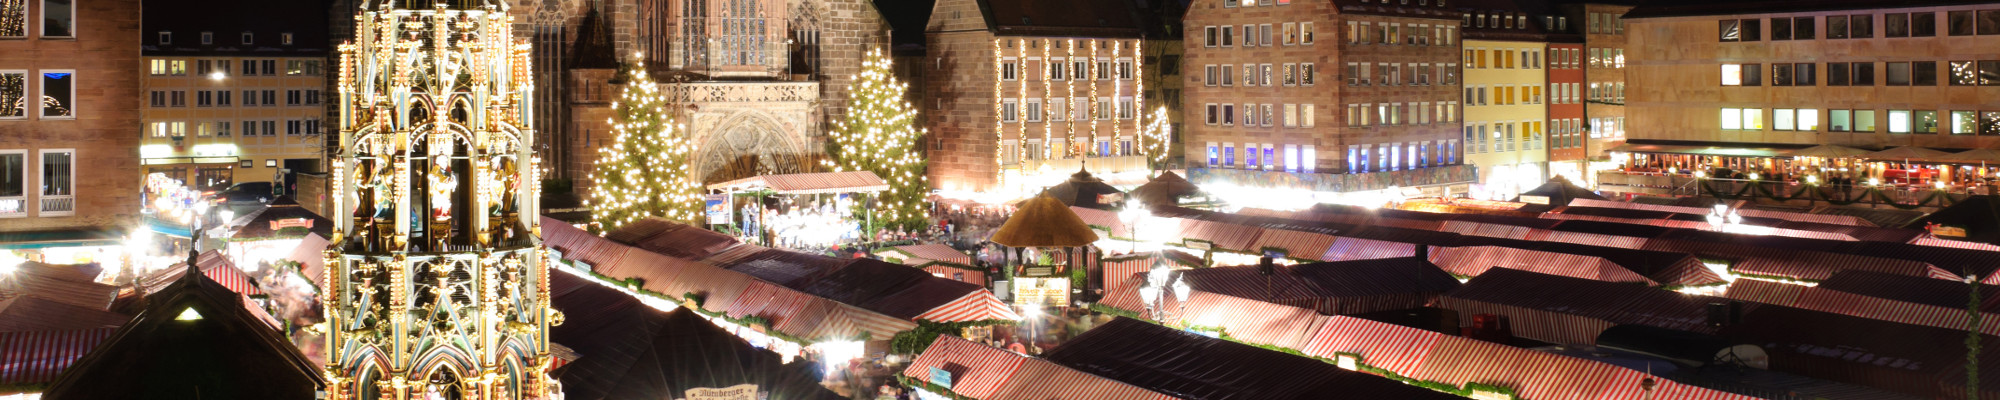 Weihnachtsfeier Nürnberg